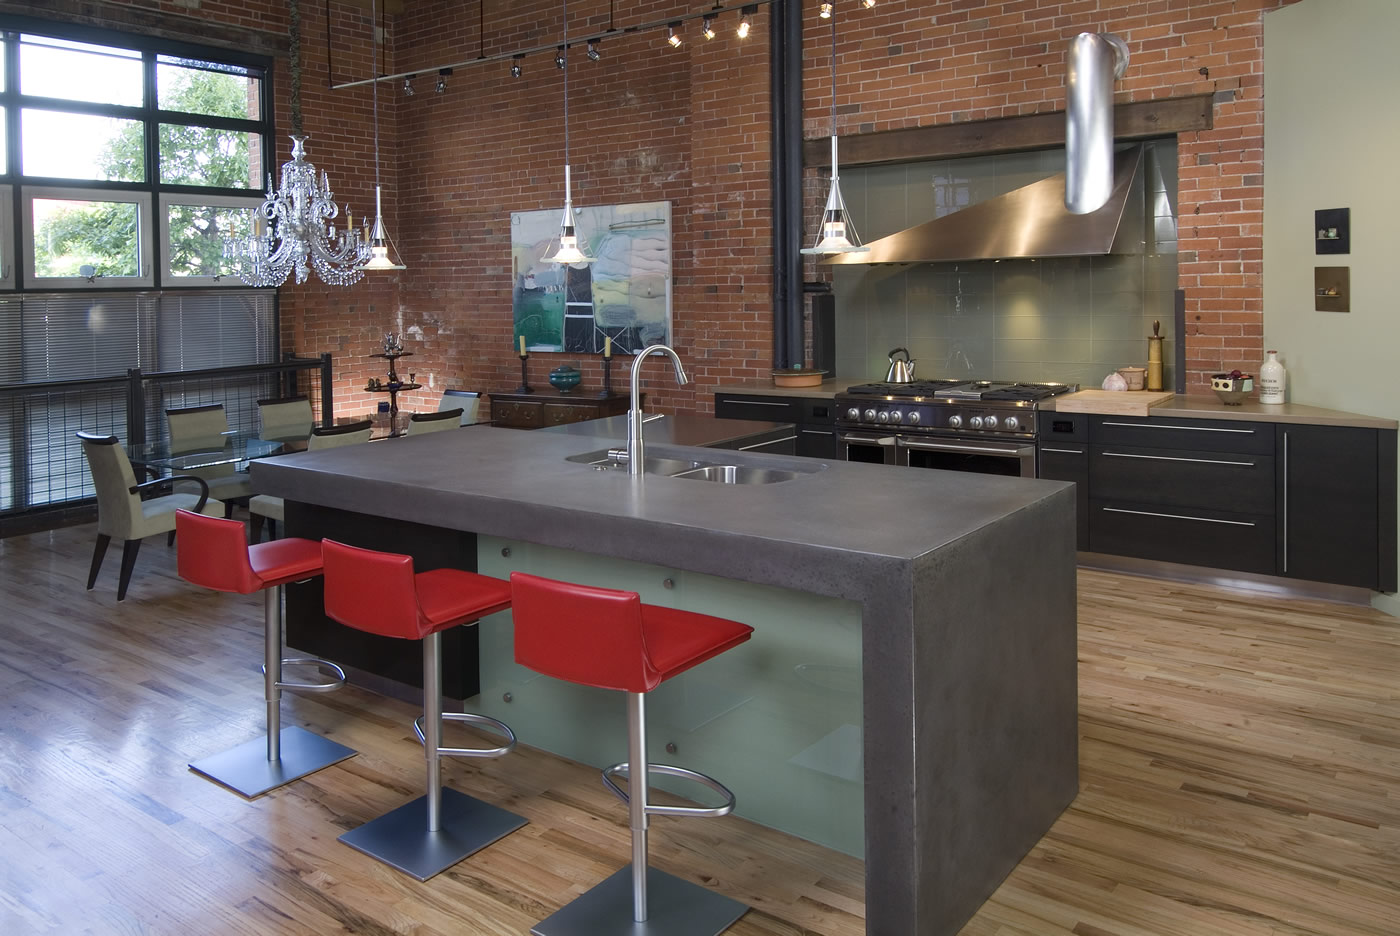 hems-køkken-og-køkken-design-tips-og-tricks-med-top-kvalitet-køkken-design-til-maksimere-the-usability-af-dit-hjem-13